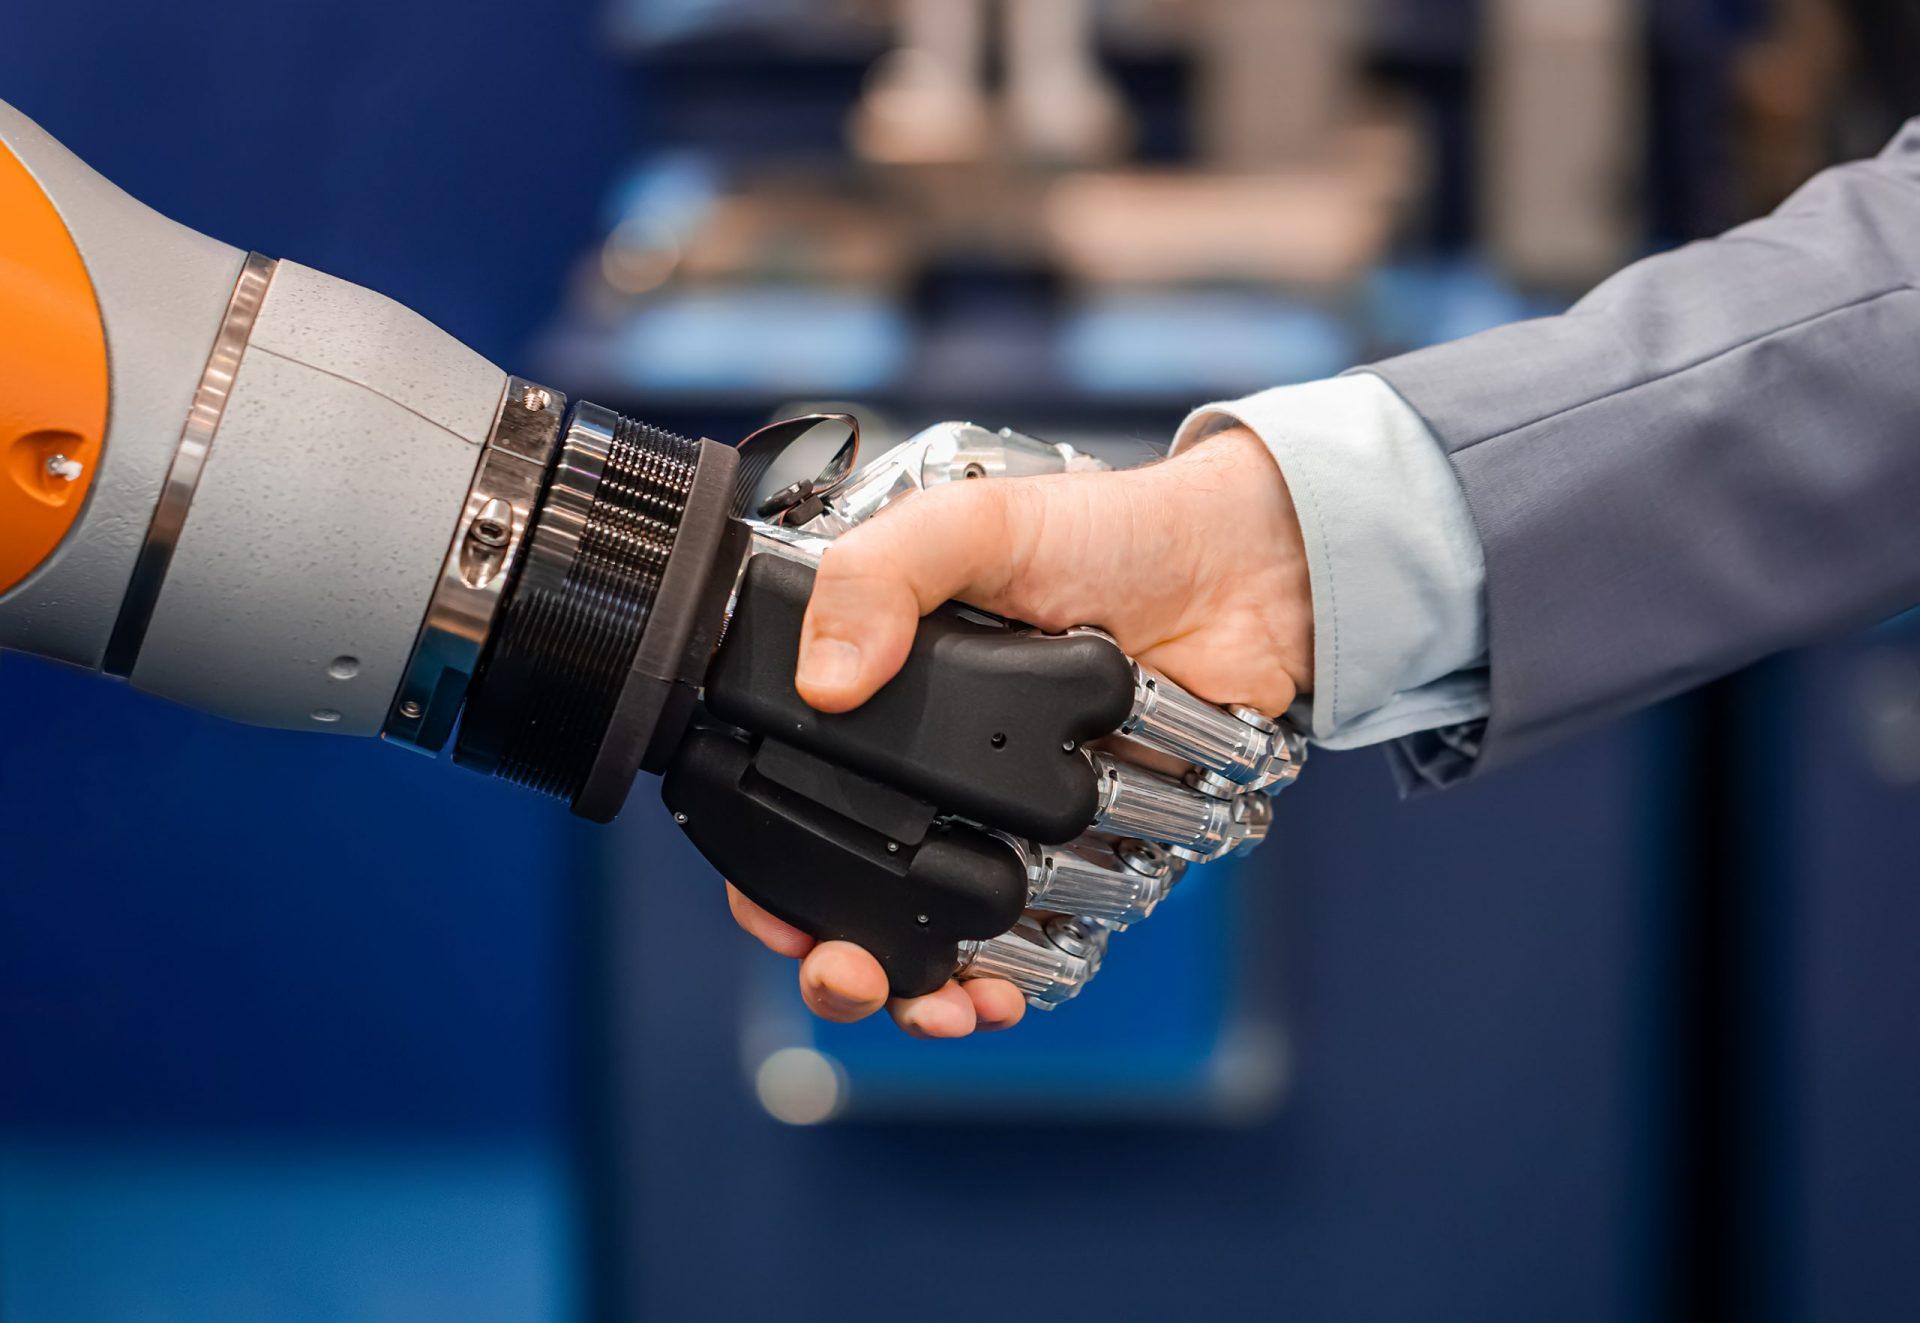 Robô lances para licitação é crime?